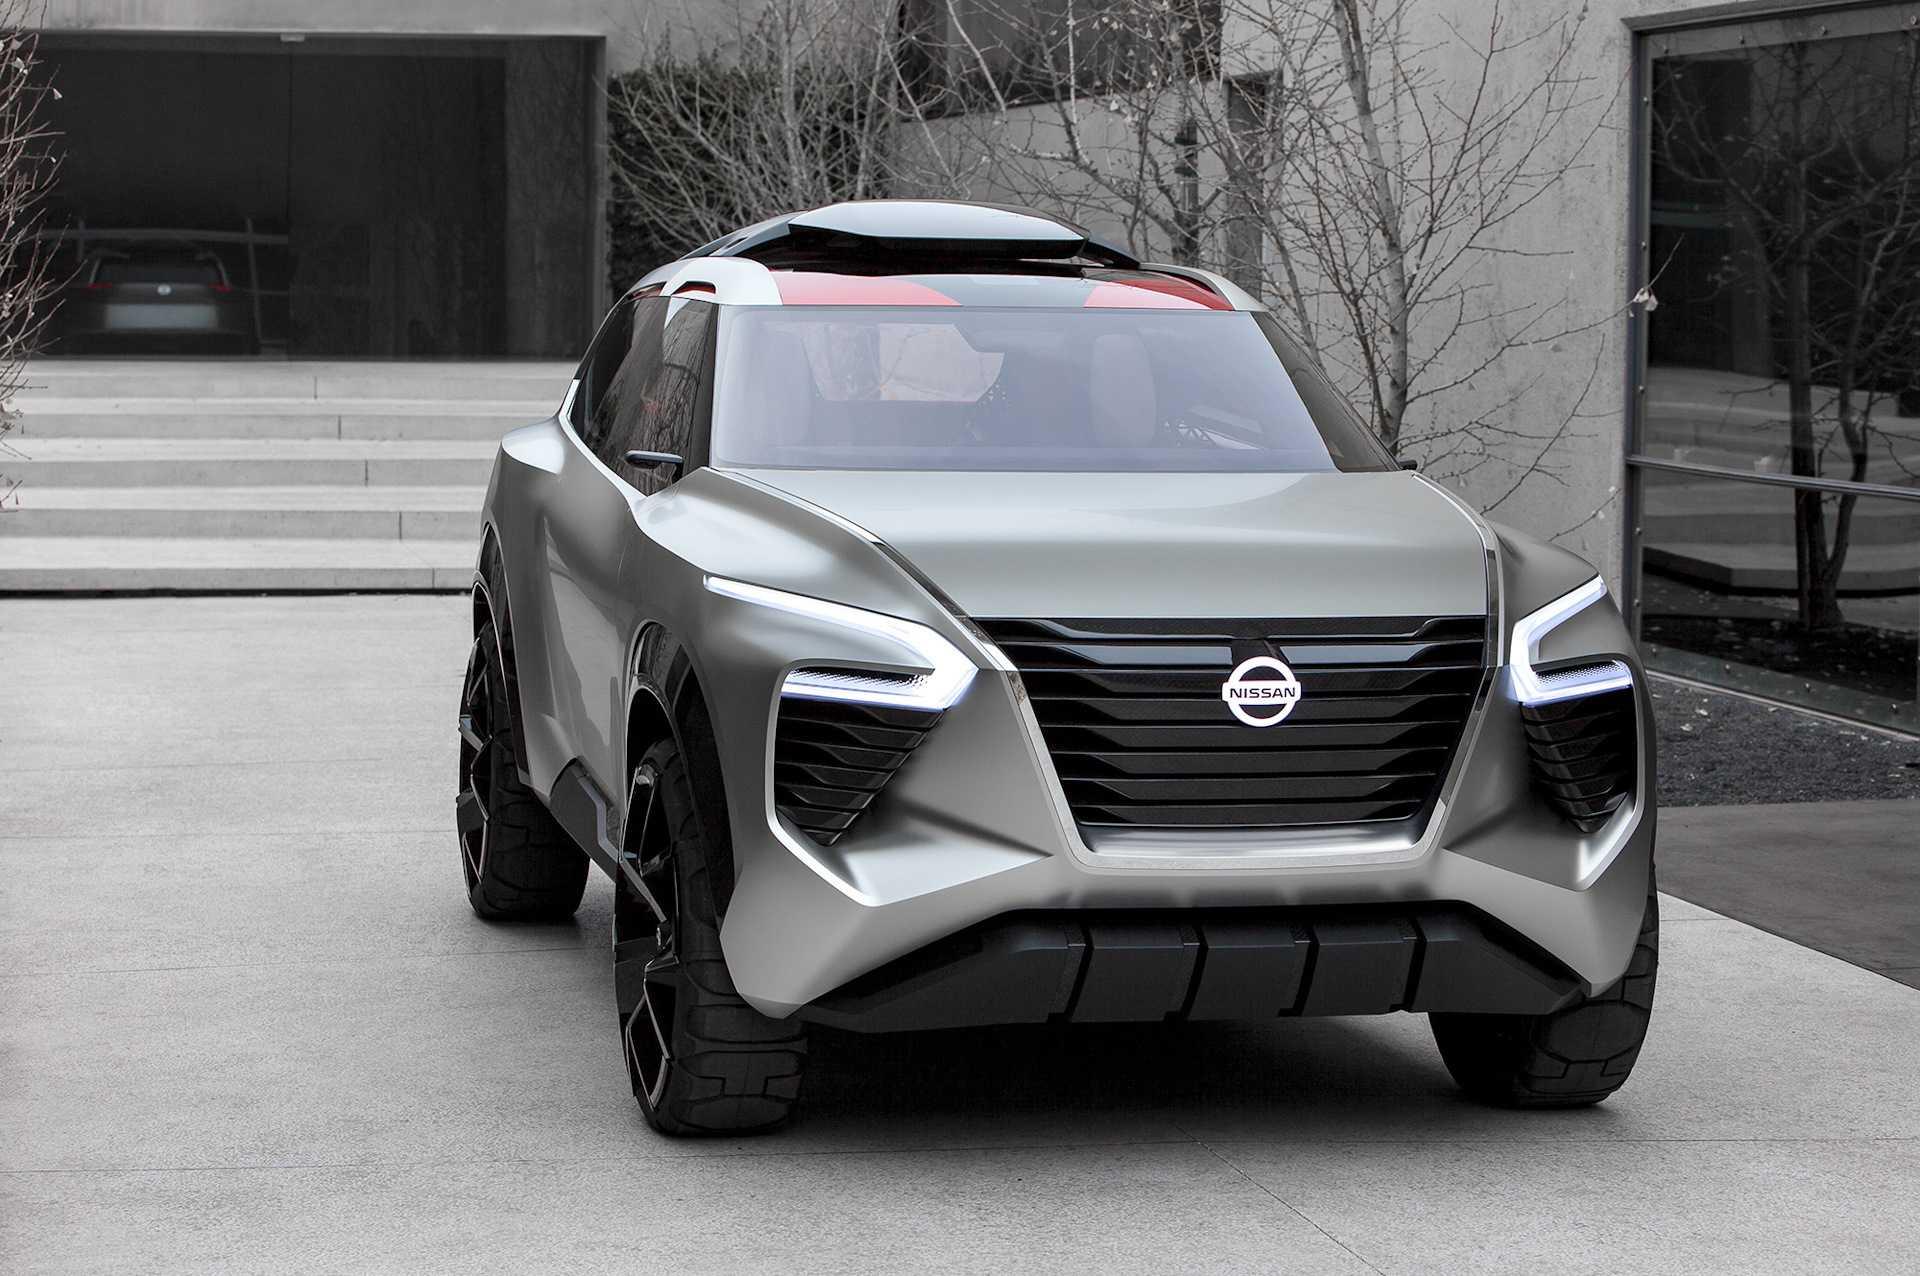 Nissan murano 3.5 cvt se (11.2010 - 07.2016) - технические характеристики